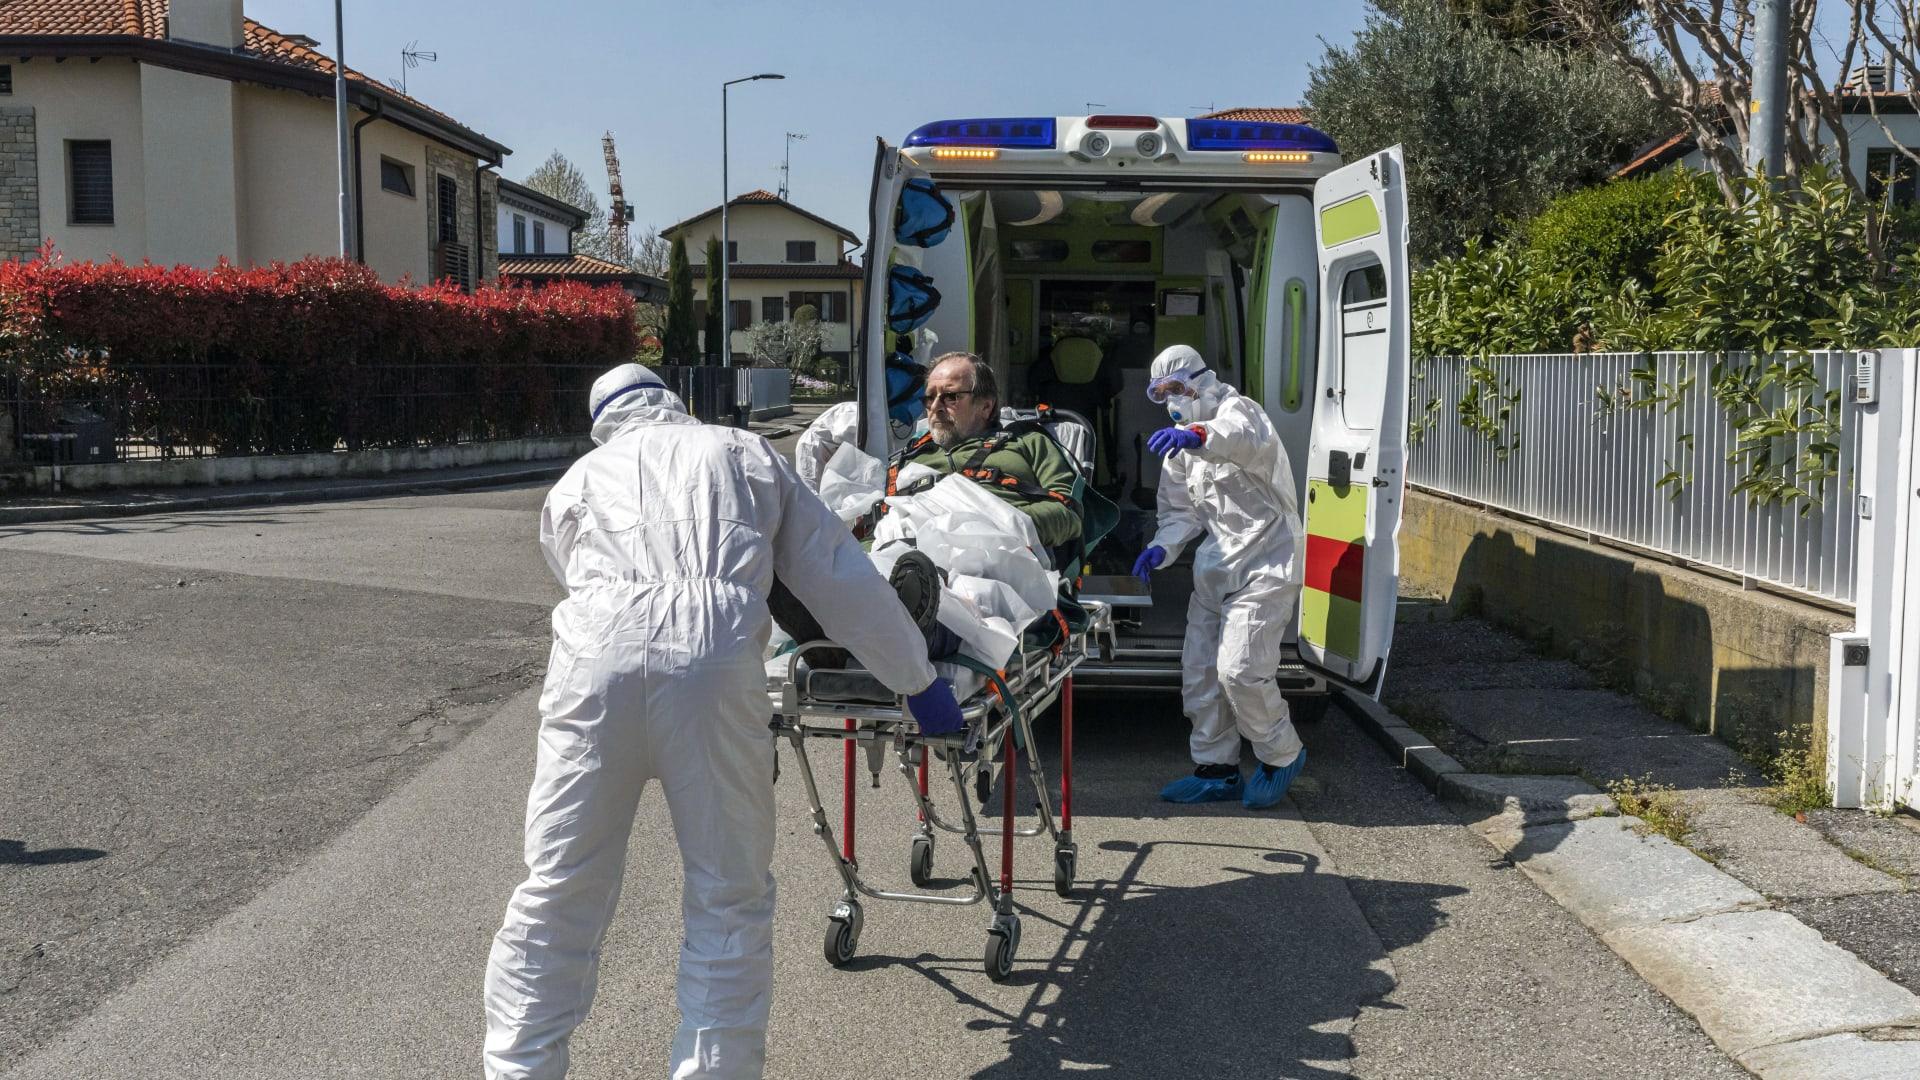 فيروس كورونا في اليونان..ما هي الدروس المستفادة مقارنة مع إيطاليا ودول أوروبية أخرى؟